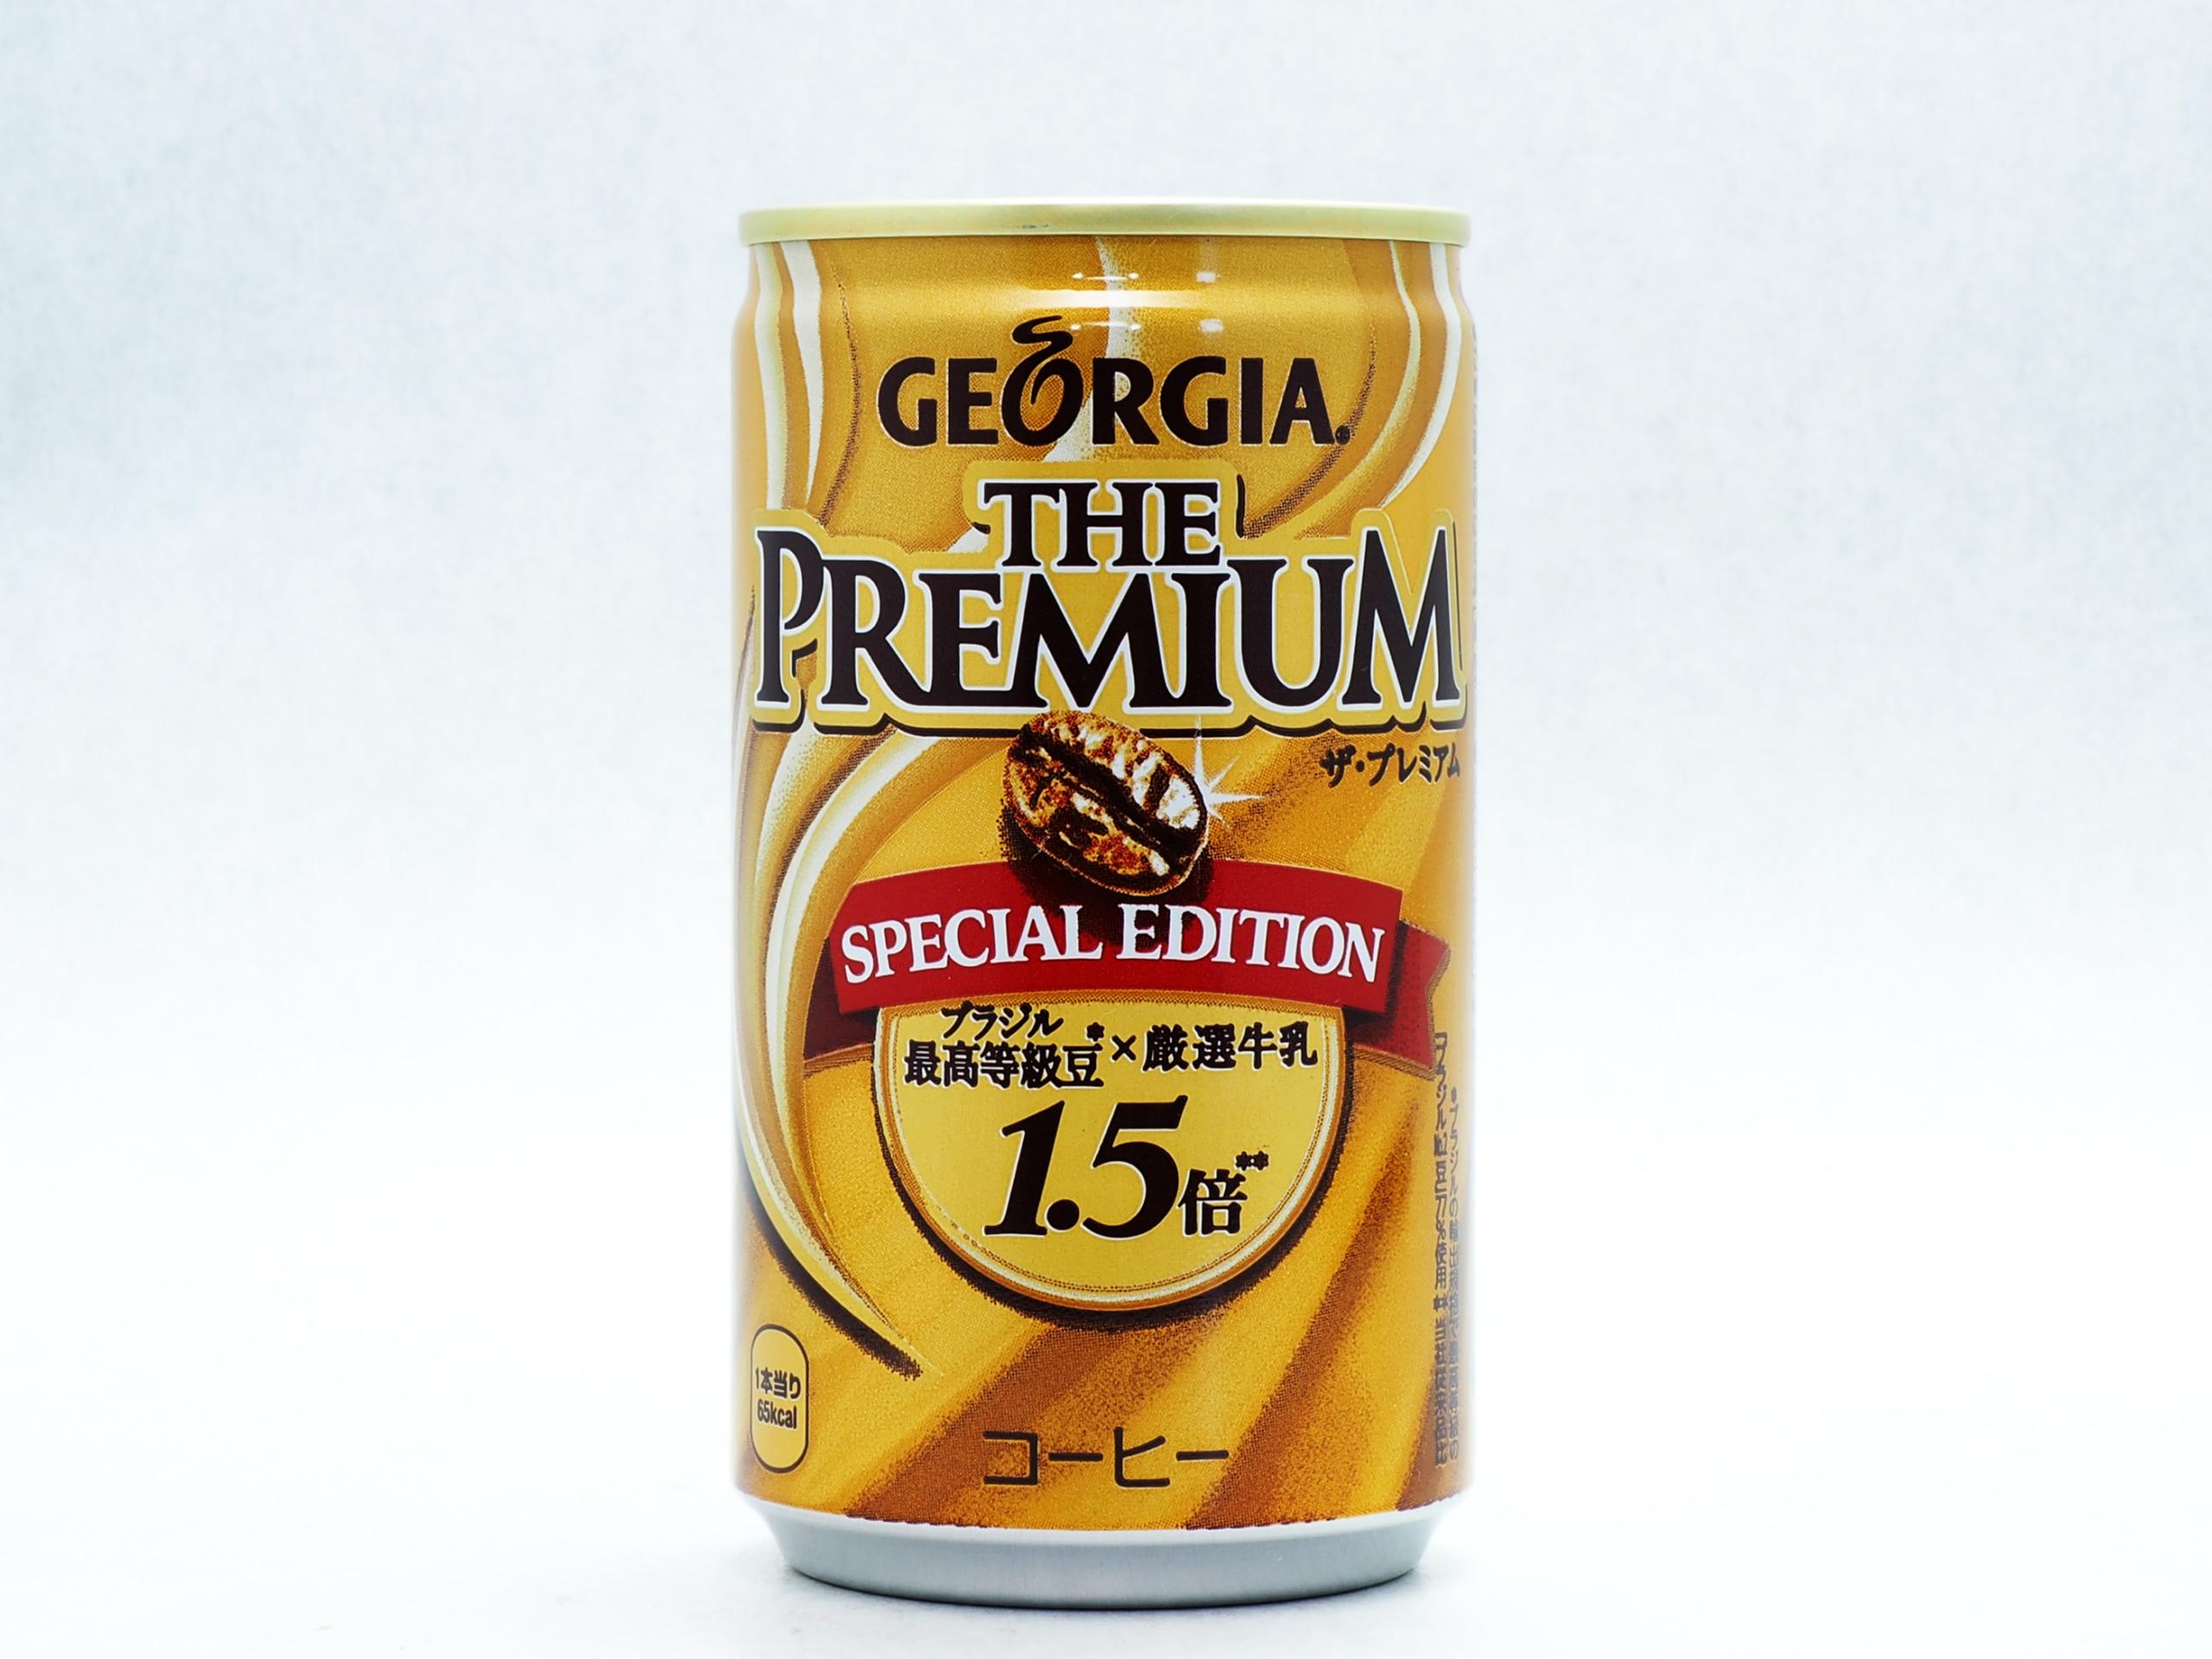 コカ・コーラ カスタマーマーケティング GEORGIA ザ・プレミアム スペシャル エディション